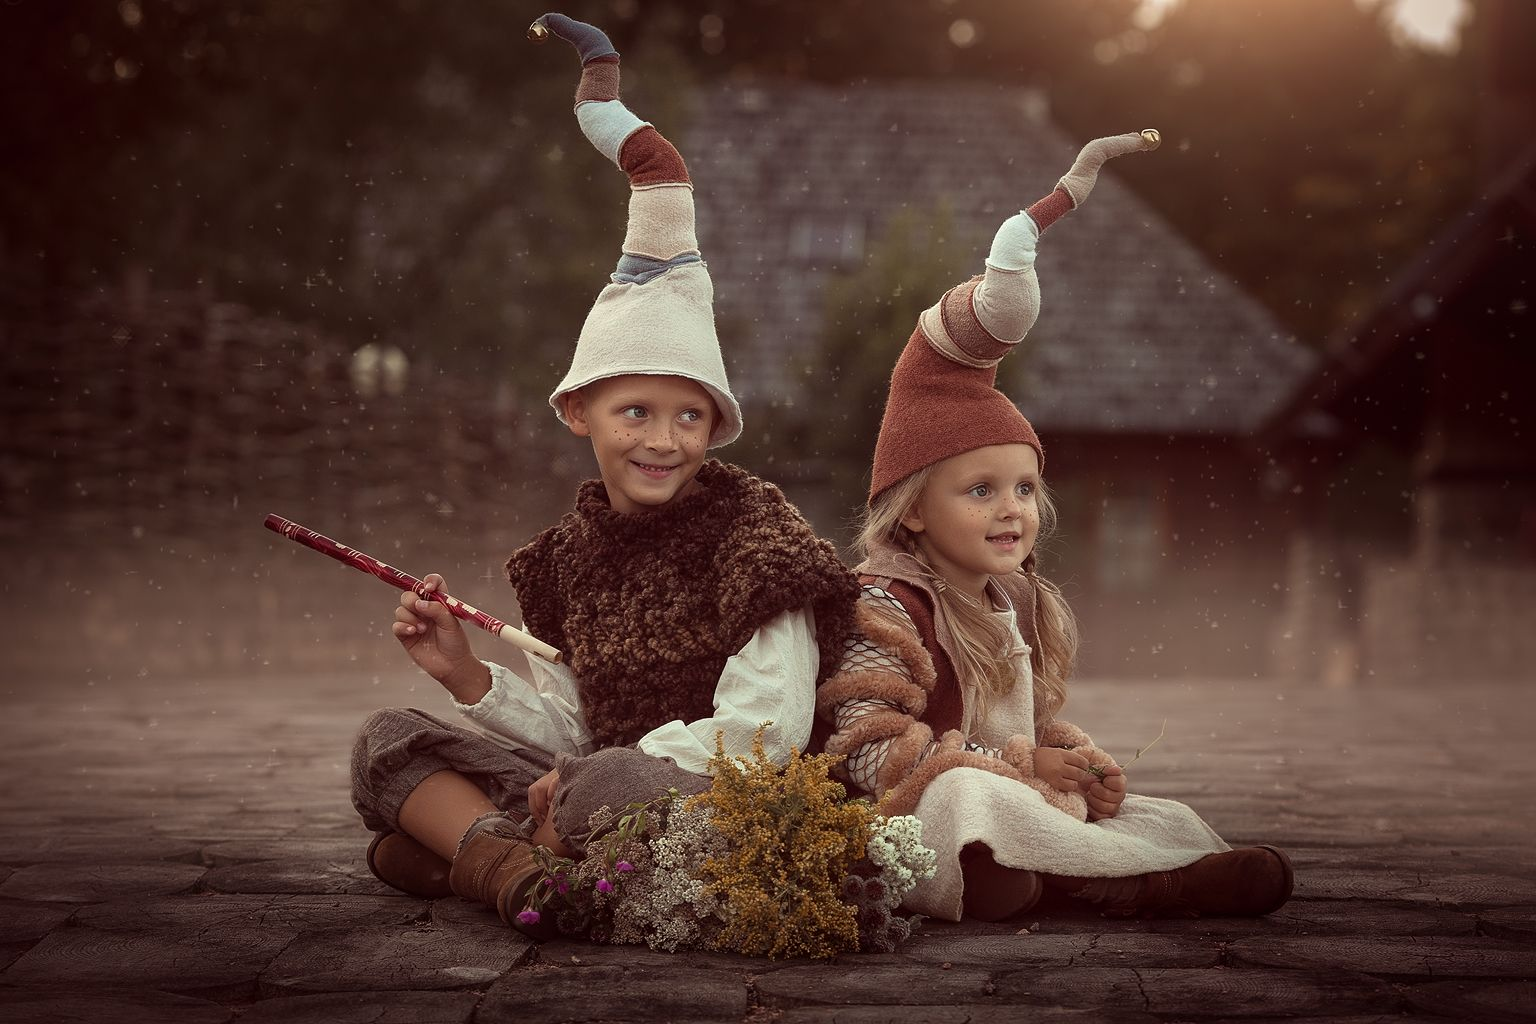 фотосессия с детьми сказка можно использовать